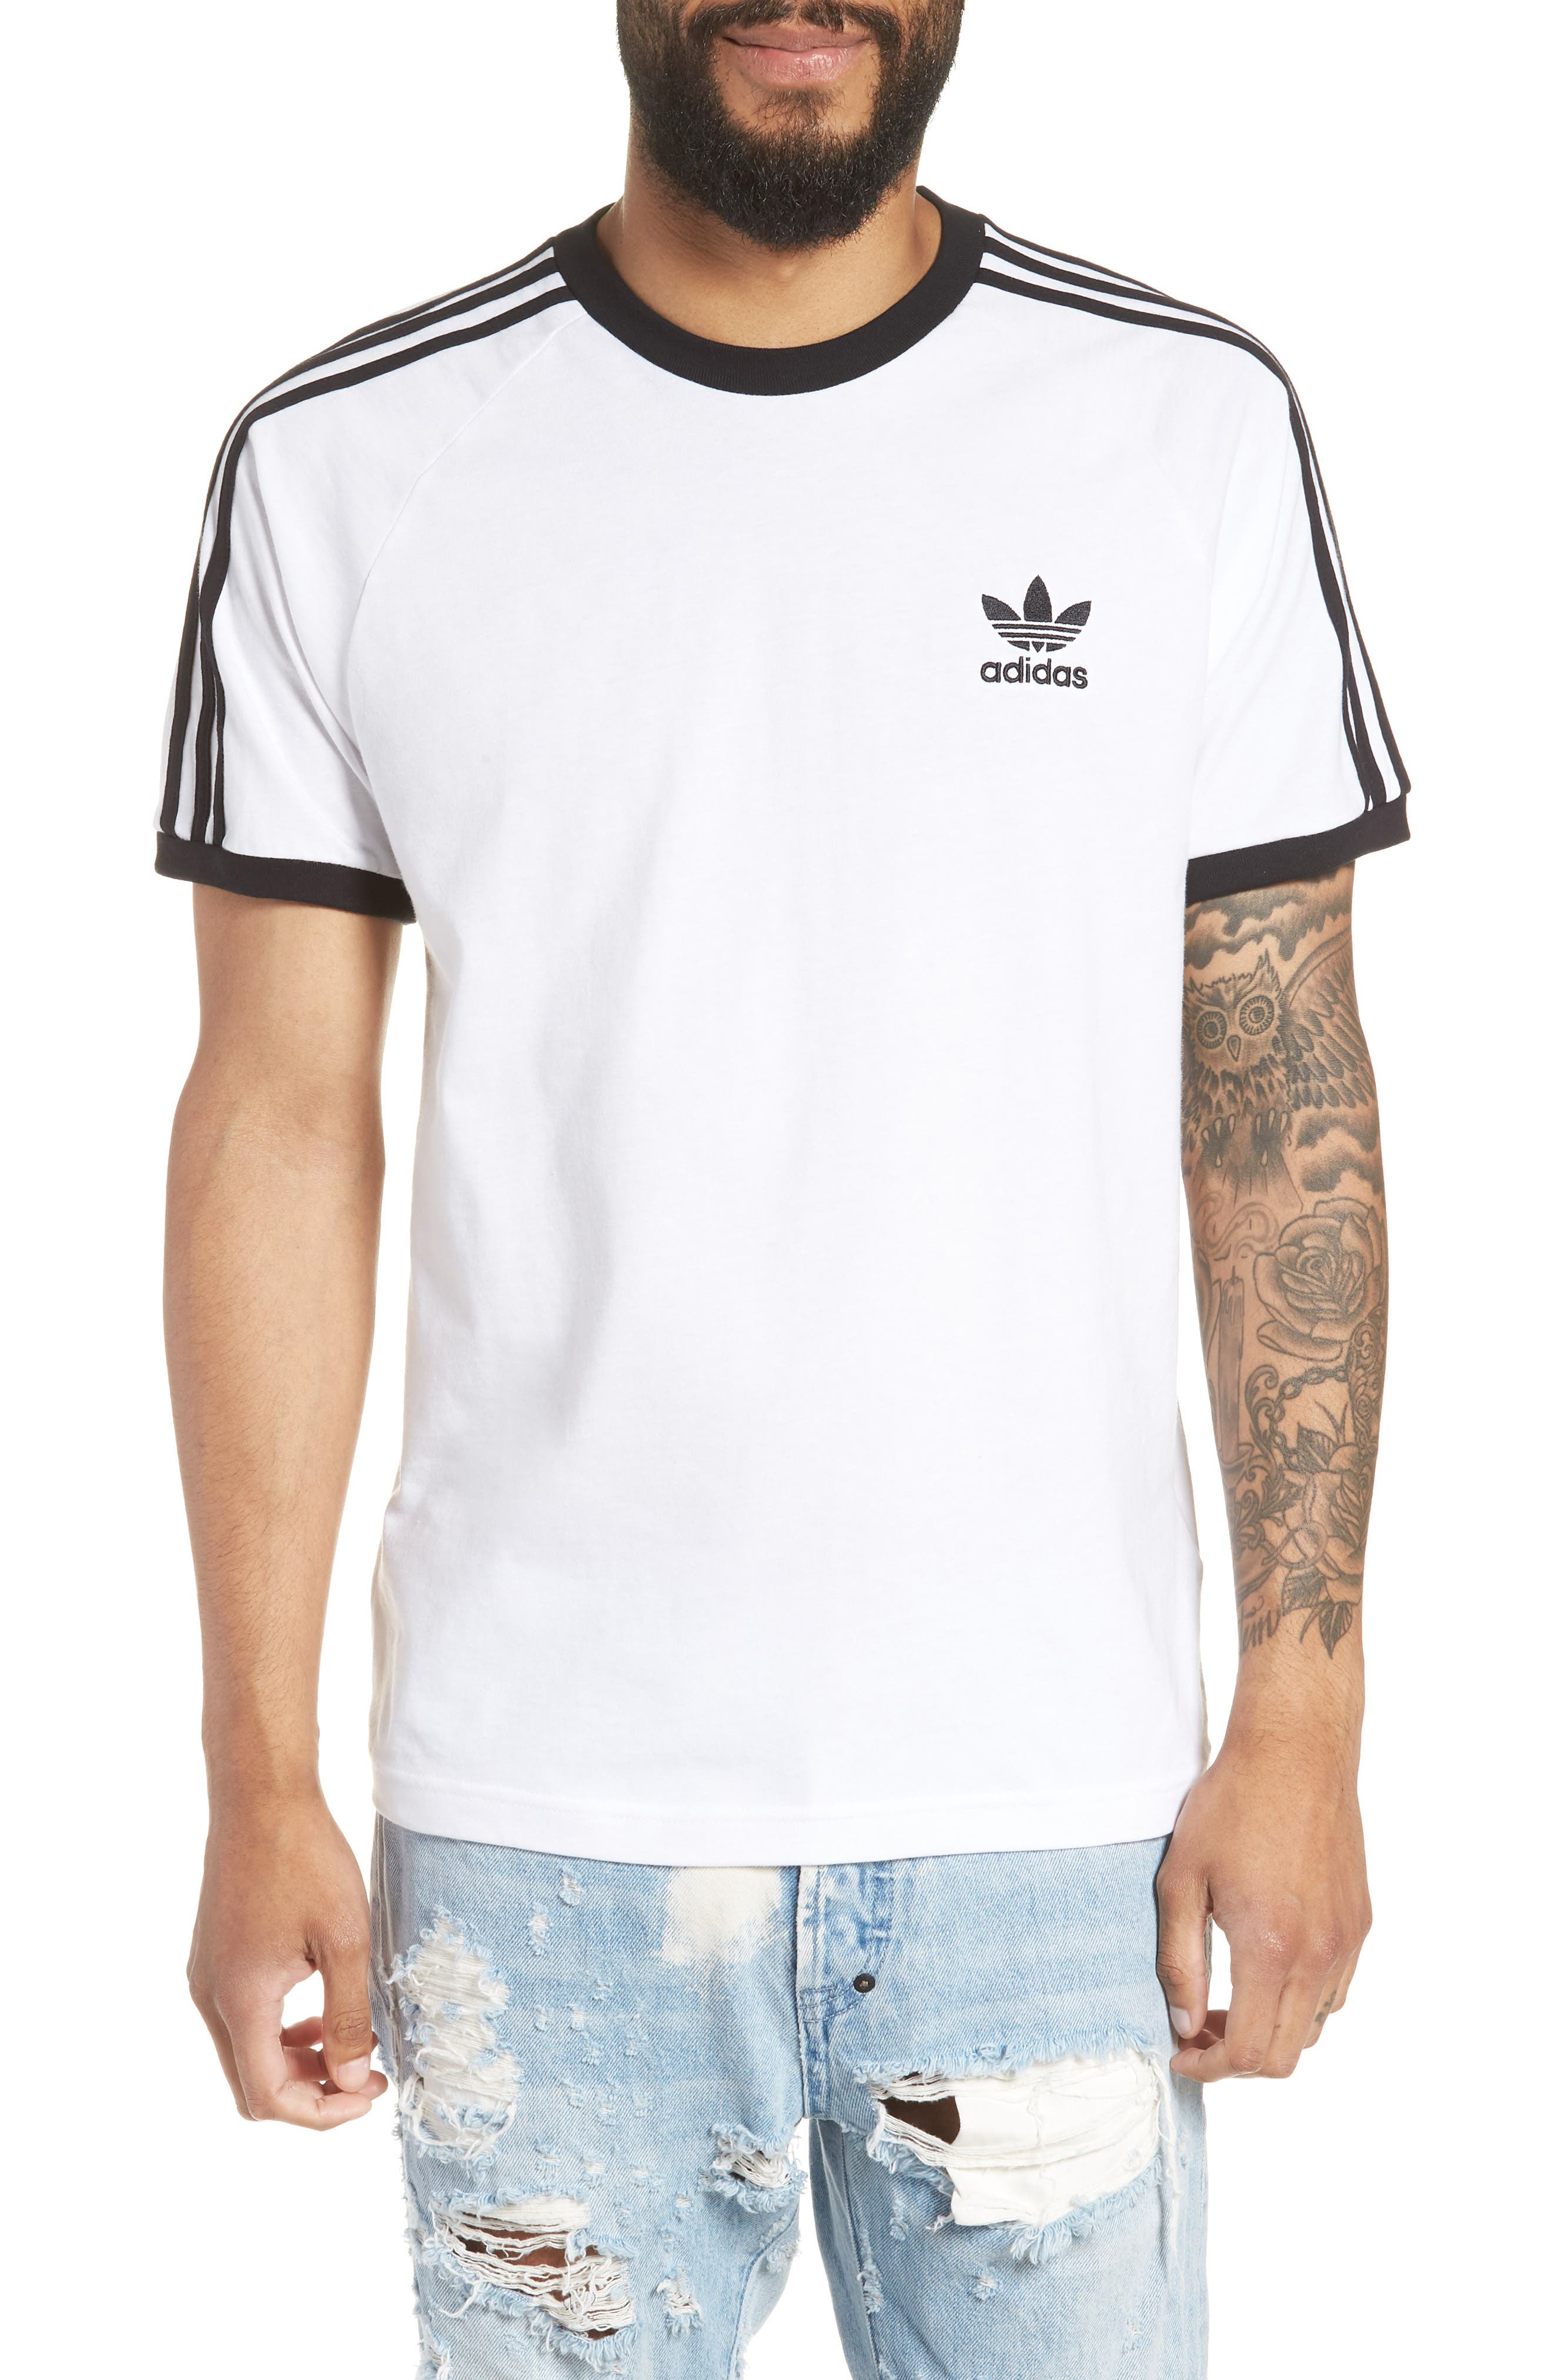 Adidas Originals 3-Stripes T-Shirt, White